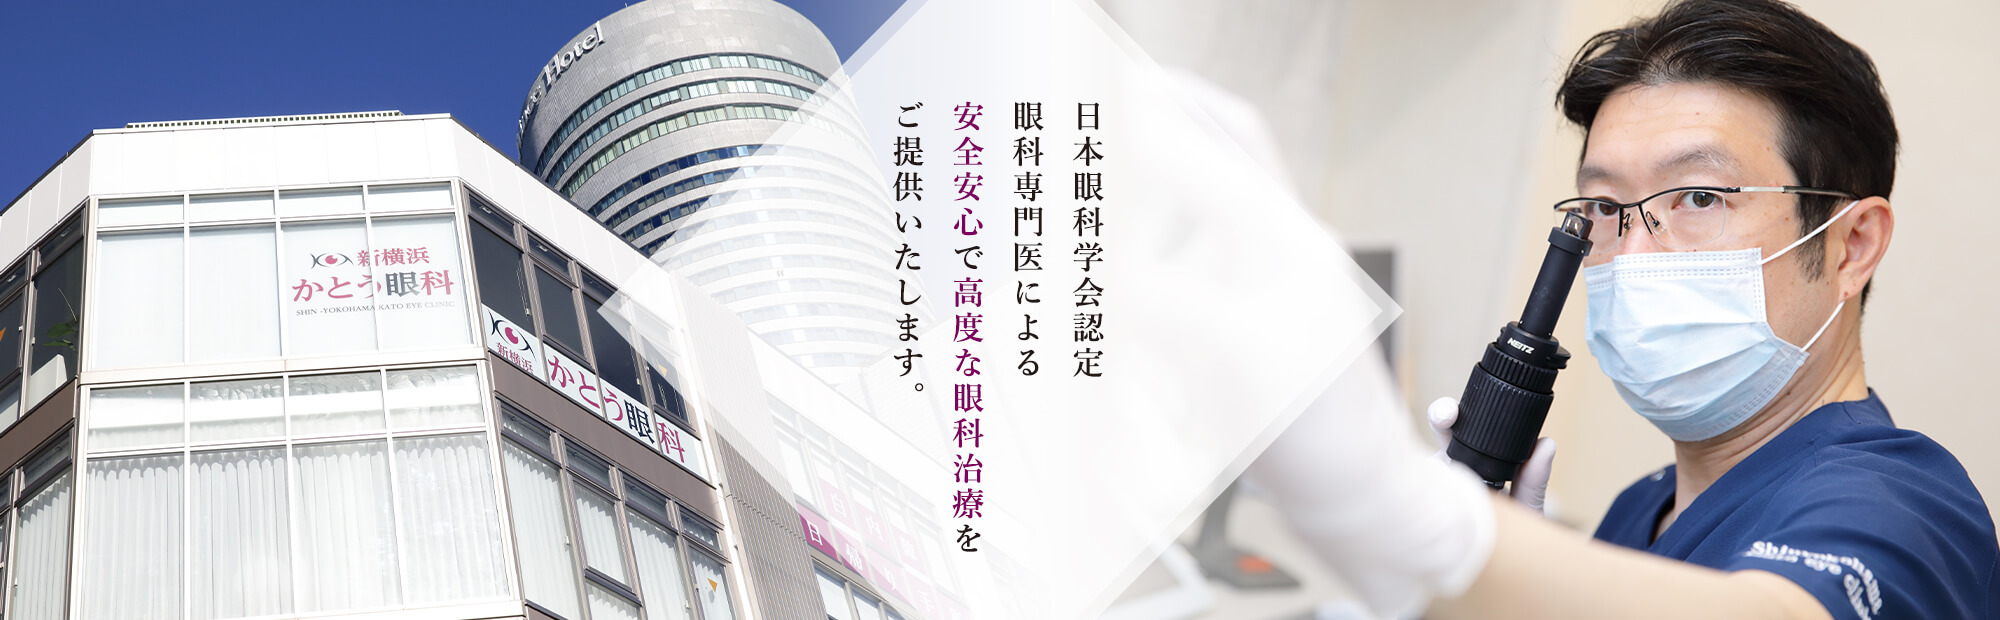 日本眼科学会認定眼科専門医による安全安心で高度な眼科治療をご提供いたします。